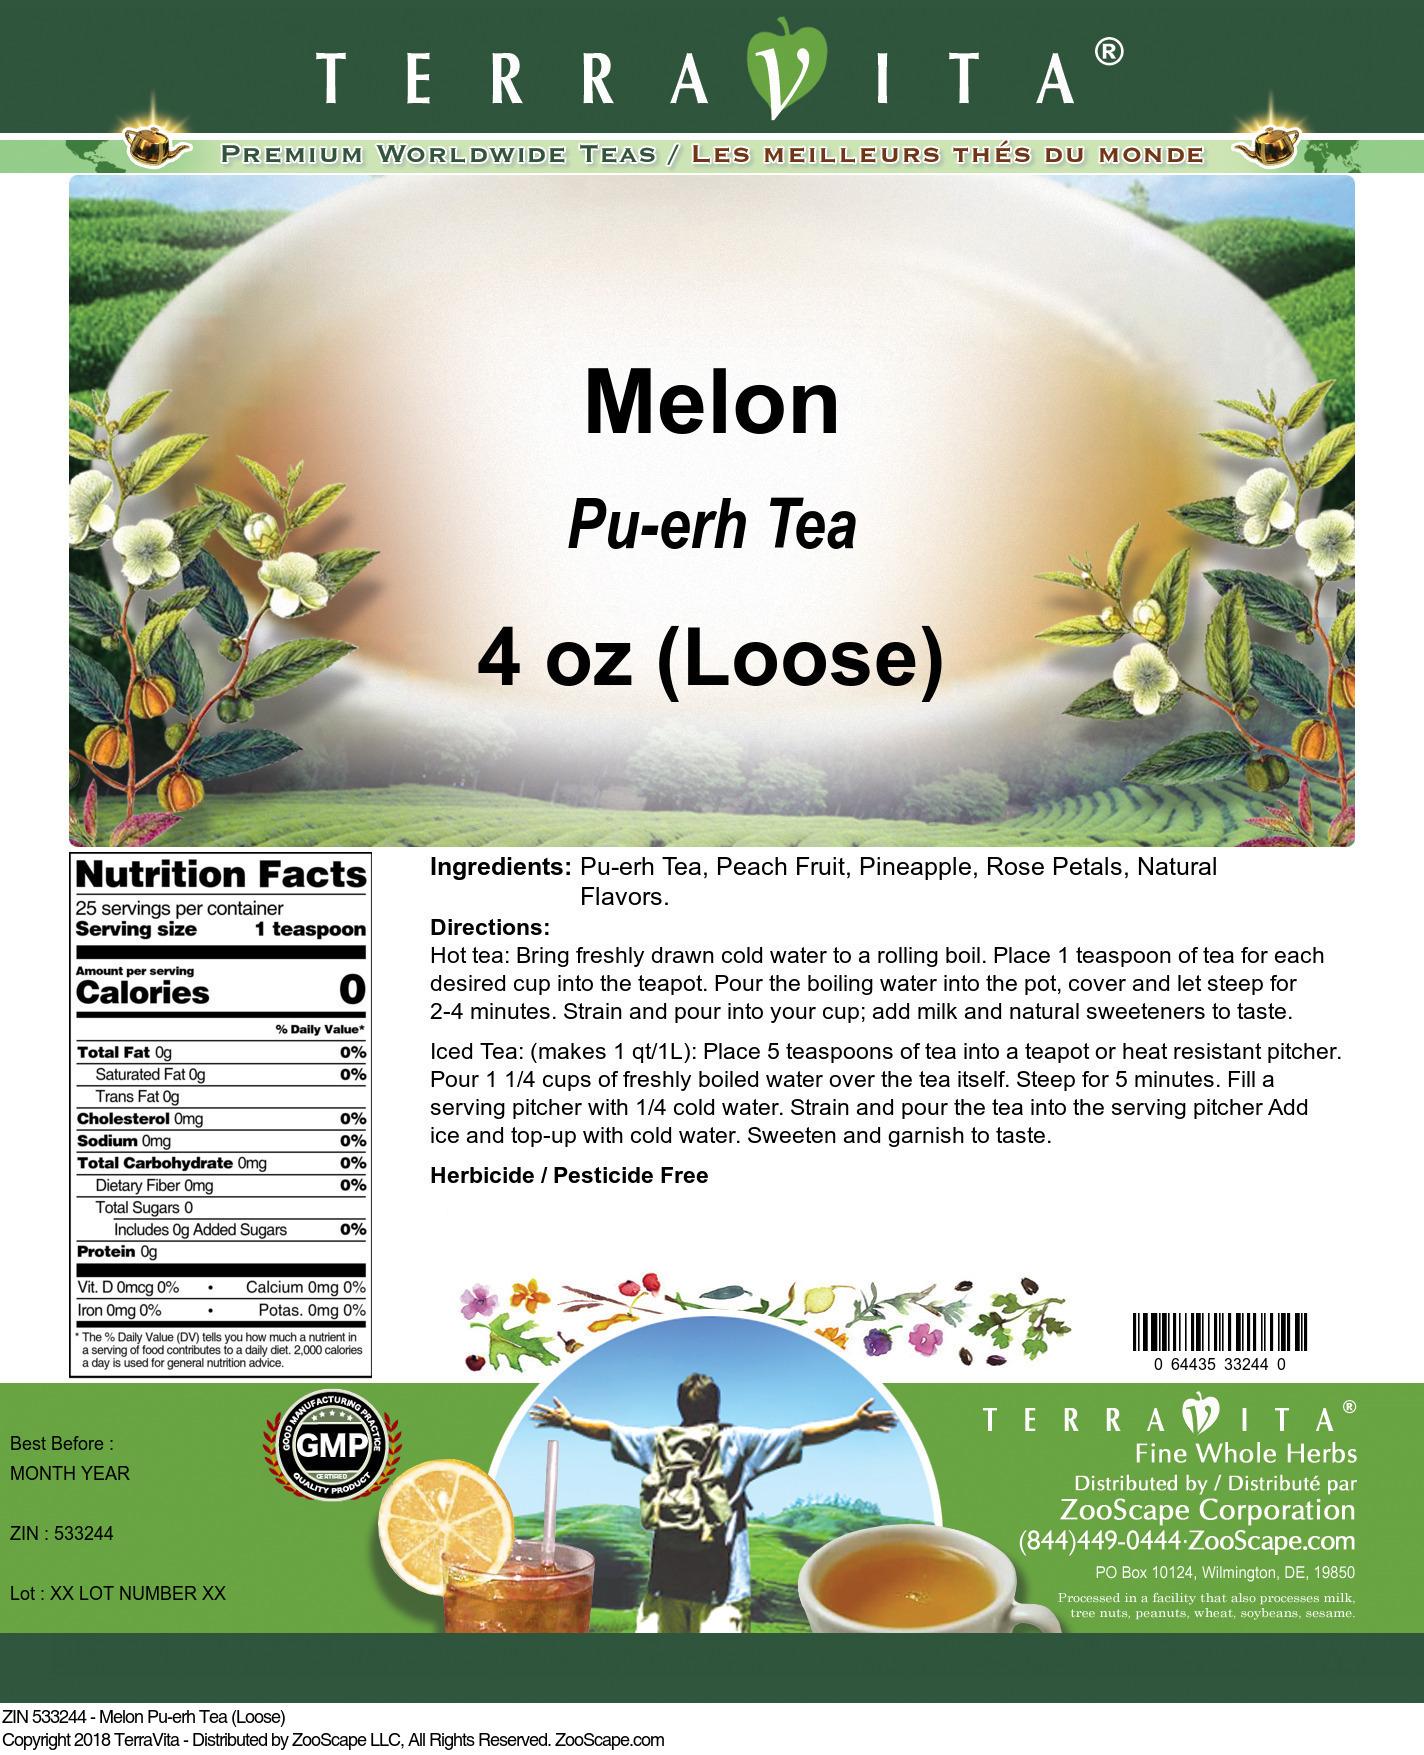 Melon Pu-erh Tea